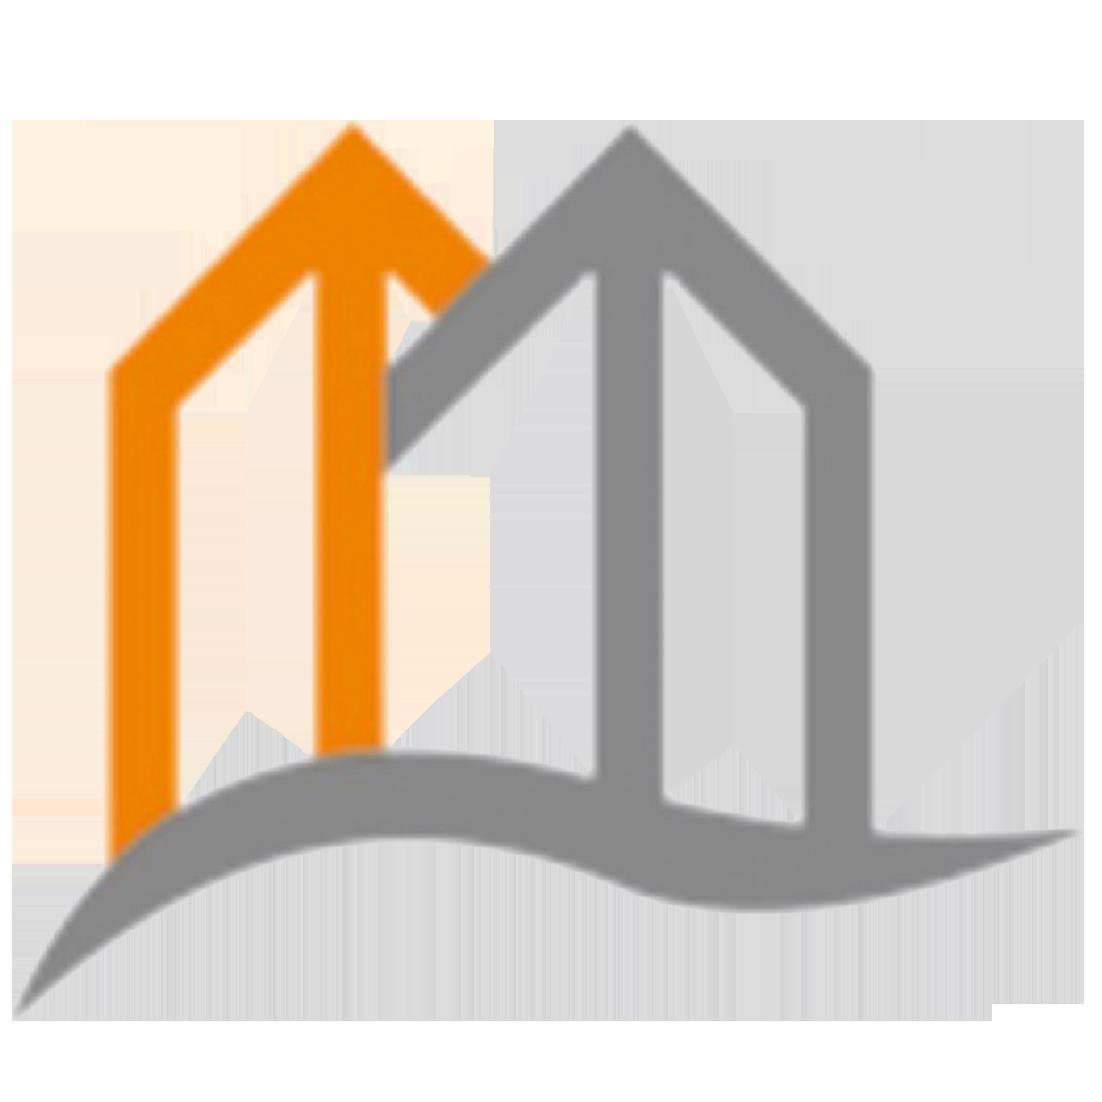 【莱居装饰】桂林莱居家居装饰有限公司招聘:公司标志 logo